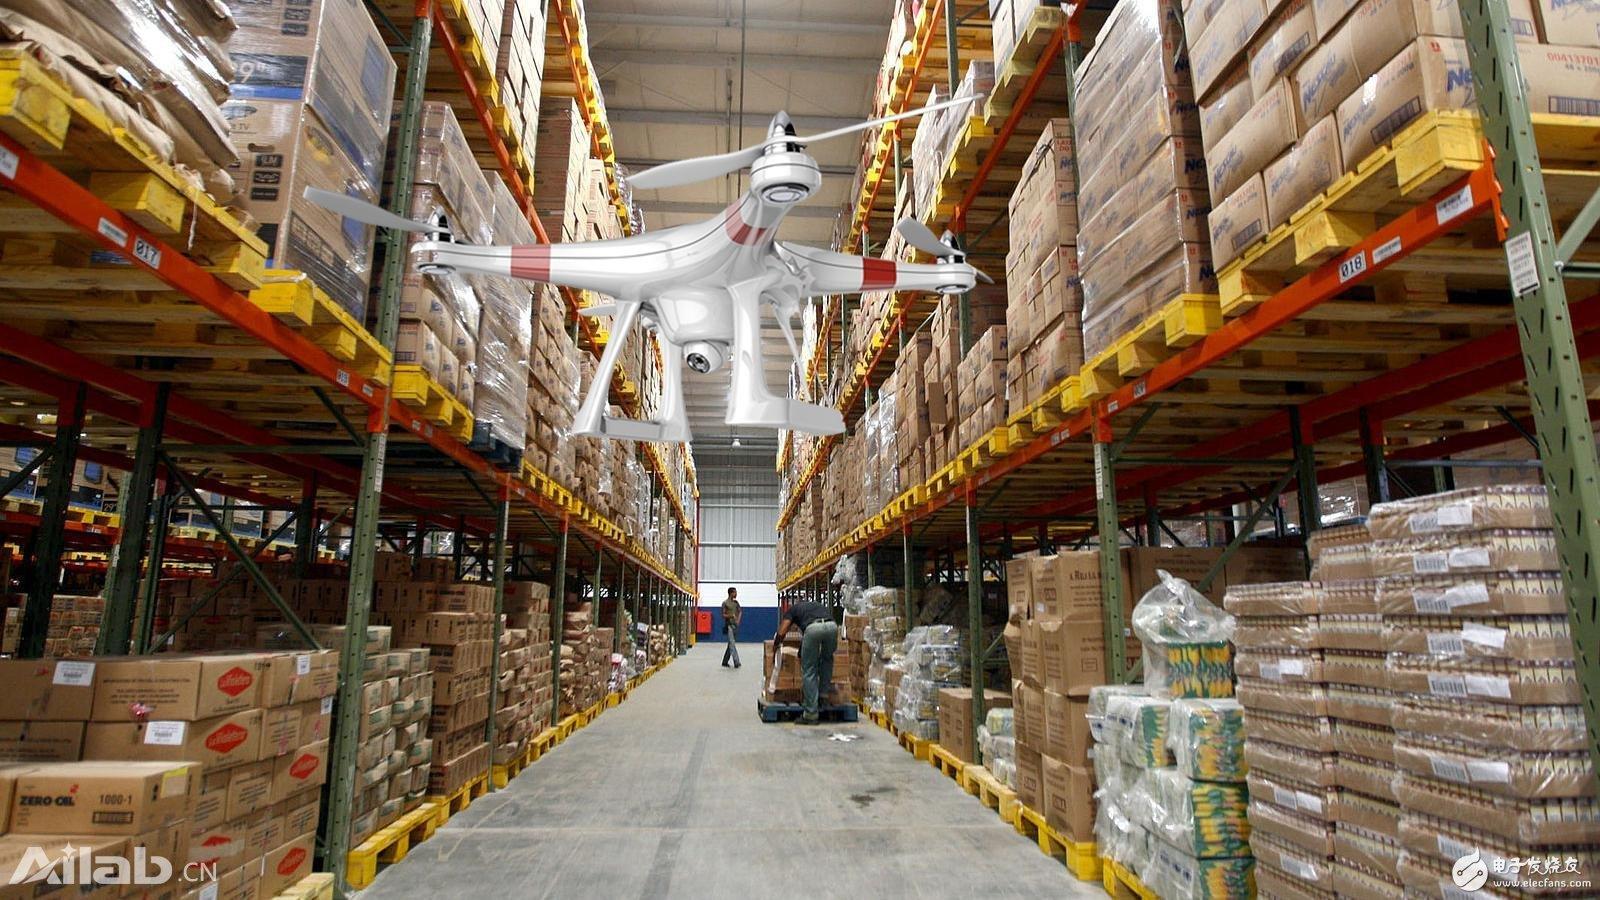 無人機送貨成潮流,先無人機結合RFID技術完成倉庫盤點